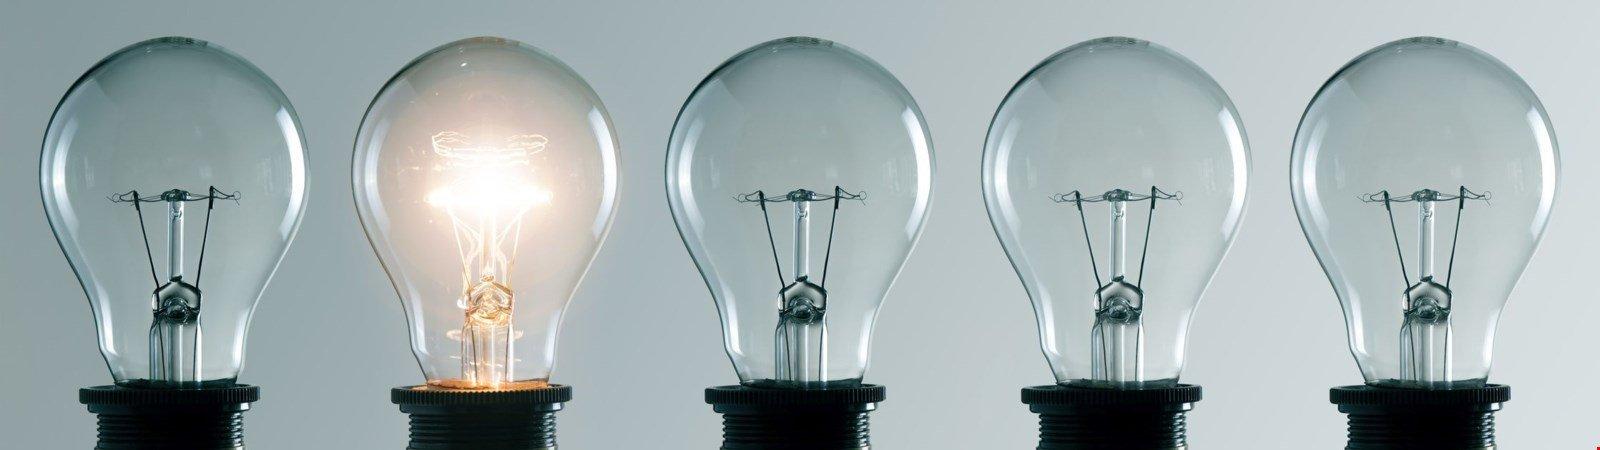 Strom sparen: Stromverbrauch senken und die Haushaltskasse entlasten